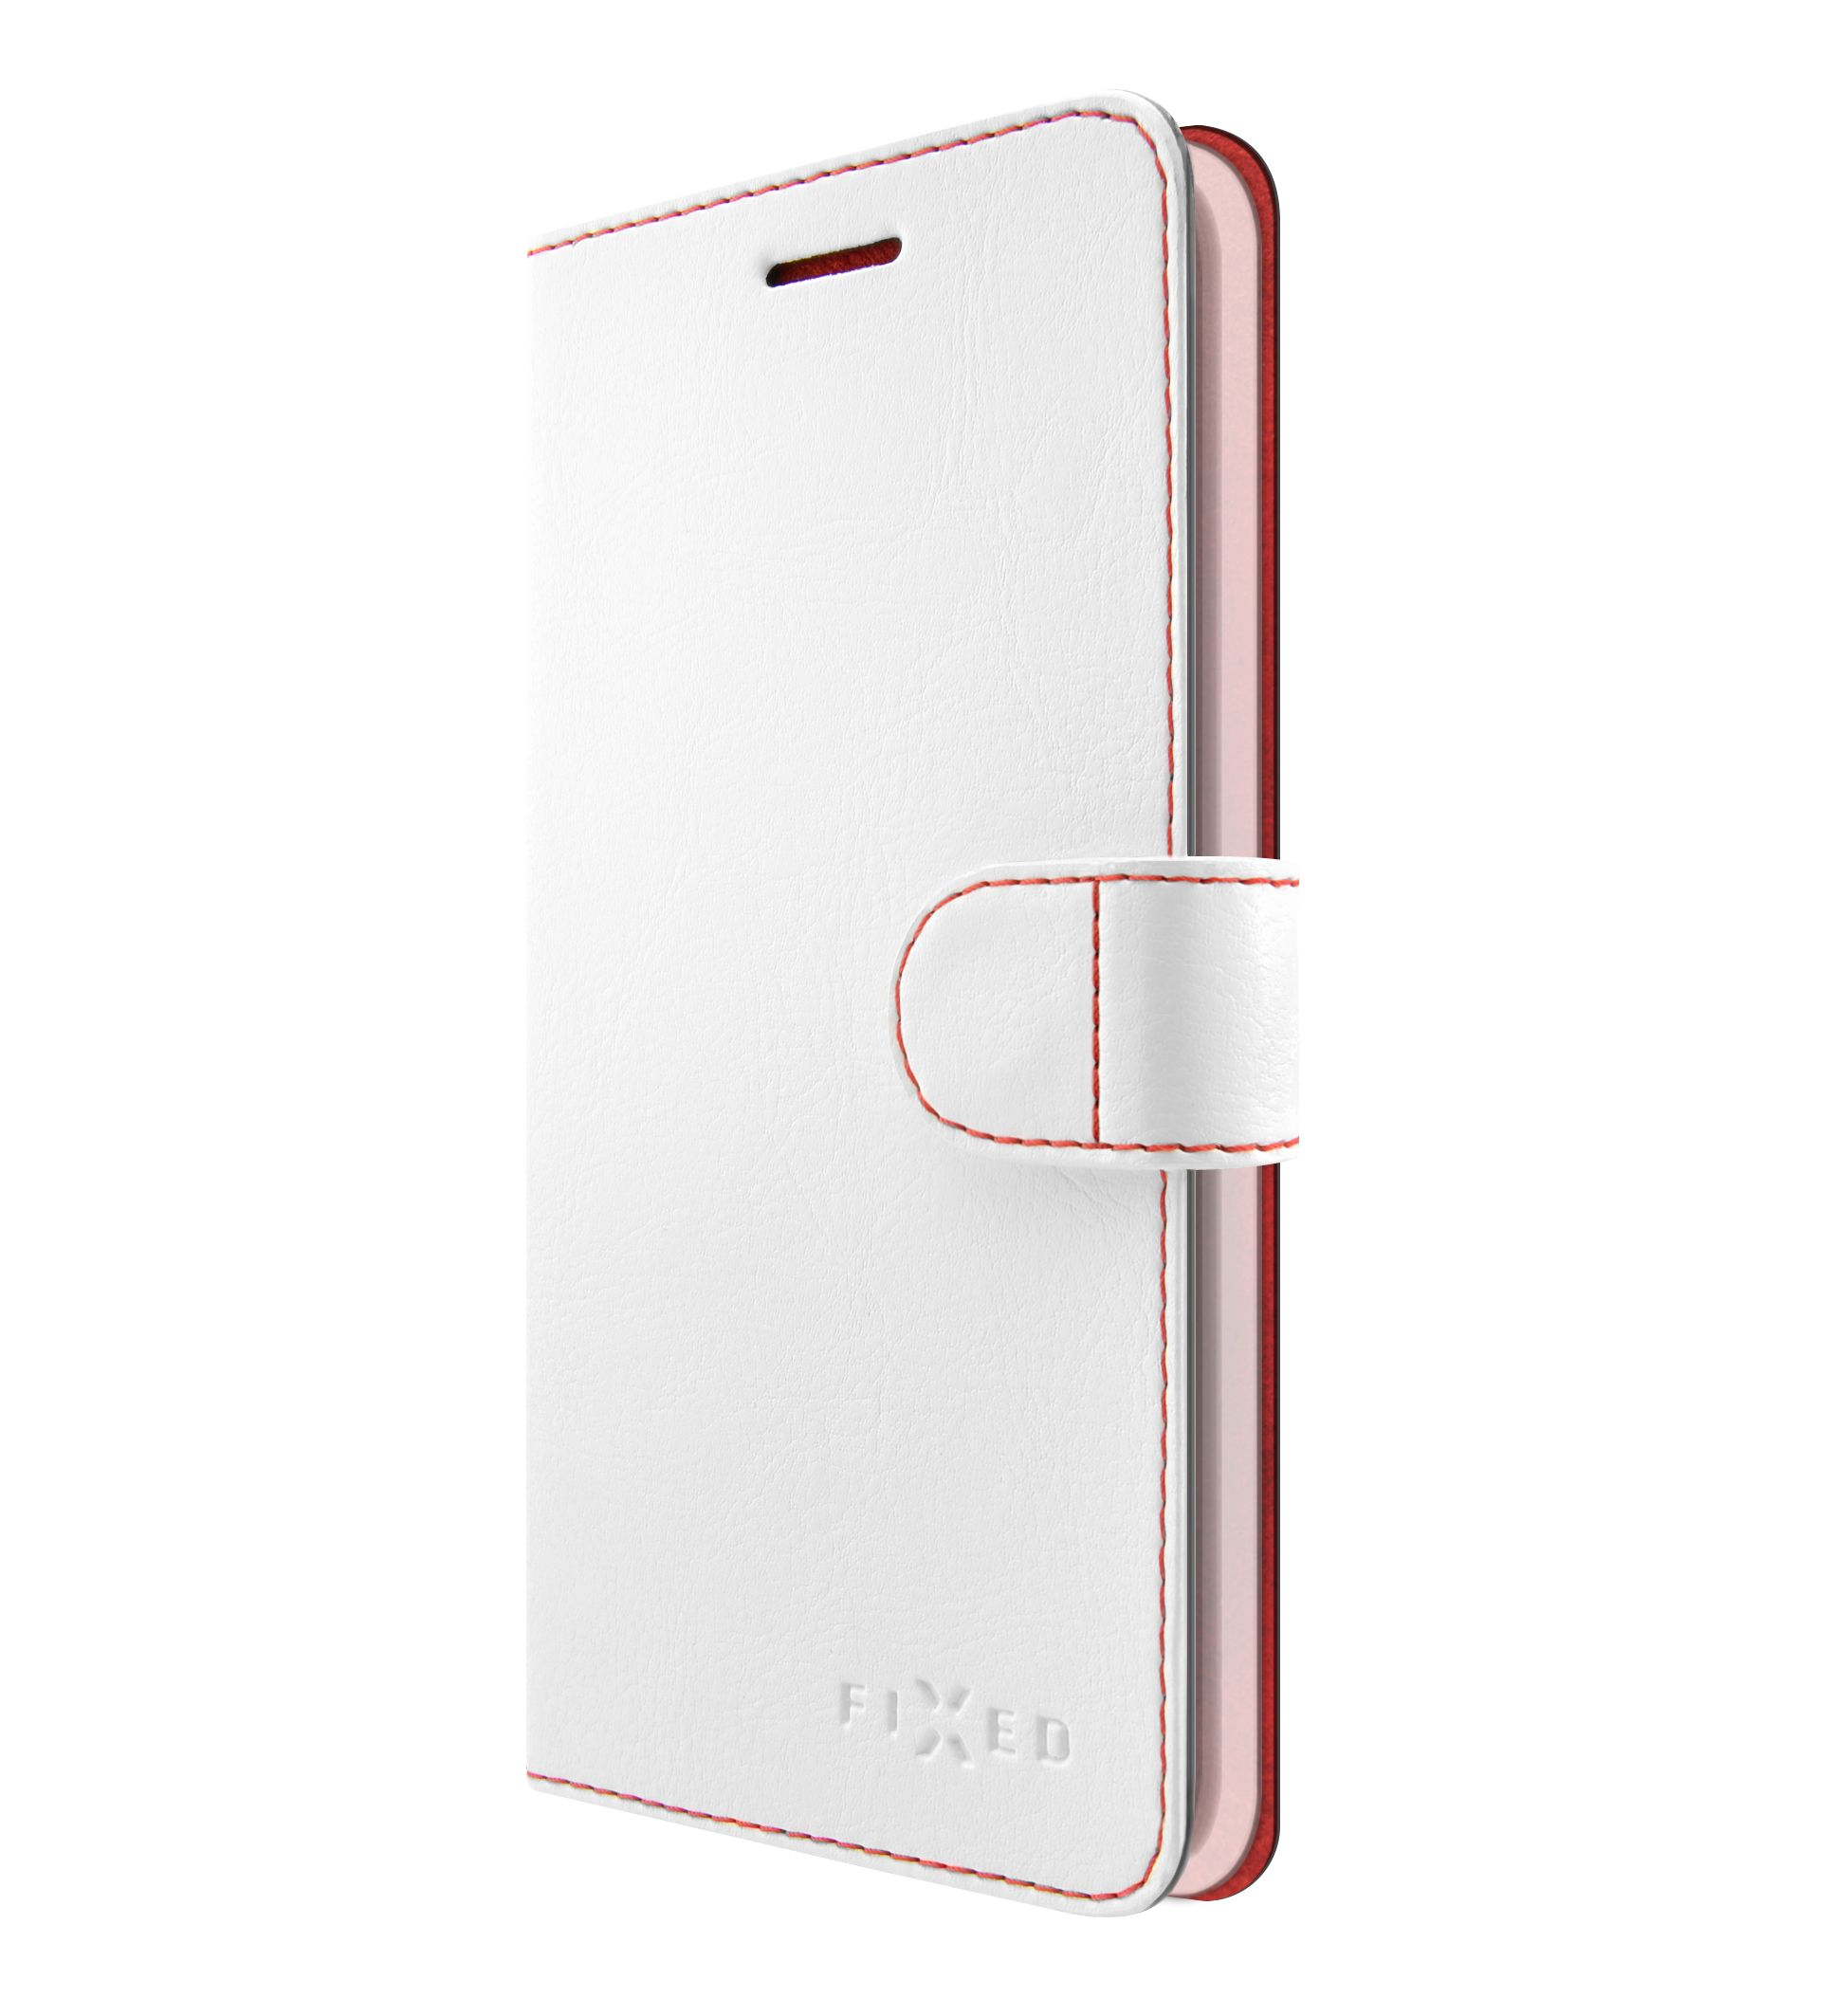 Flipové pouzdro Fixed FIT pro Samsung Galaxy J4+, bílé